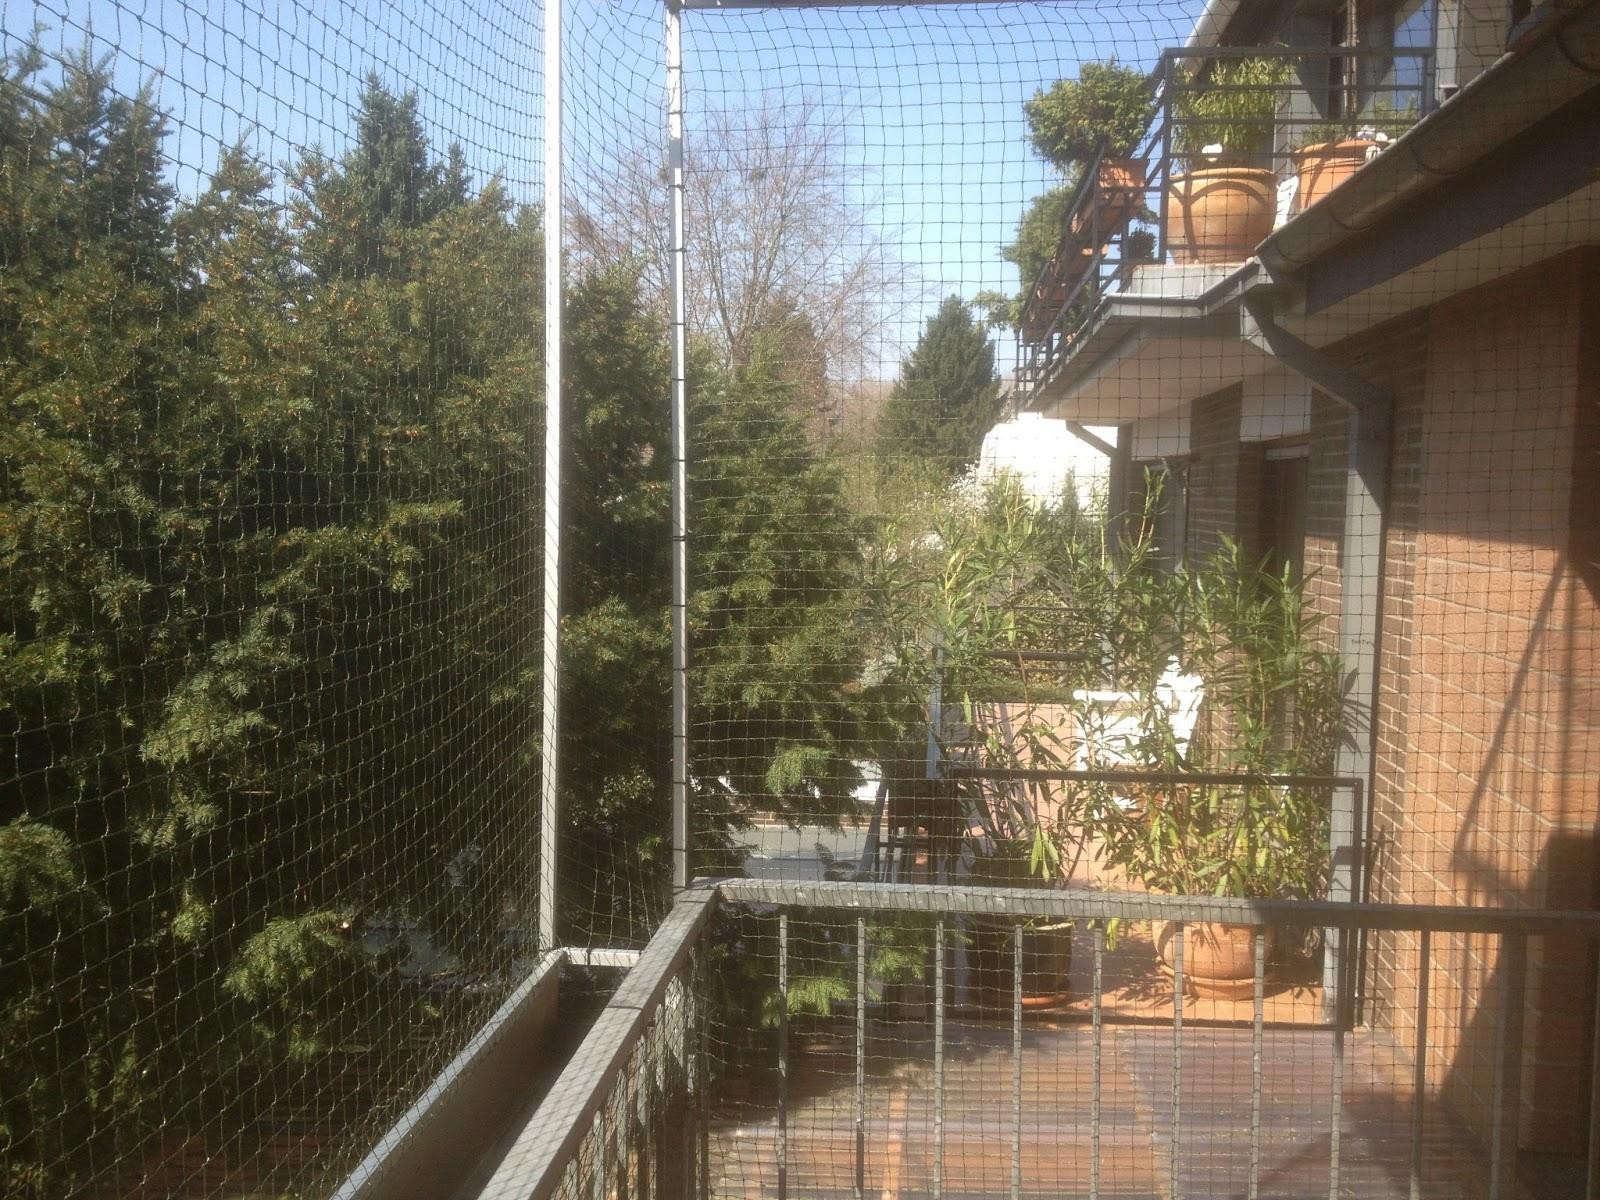 katzennetz nrw die adresse f r ein katzennetz katzennetz f r balkon in ratingen blumenk sten. Black Bedroom Furniture Sets. Home Design Ideas